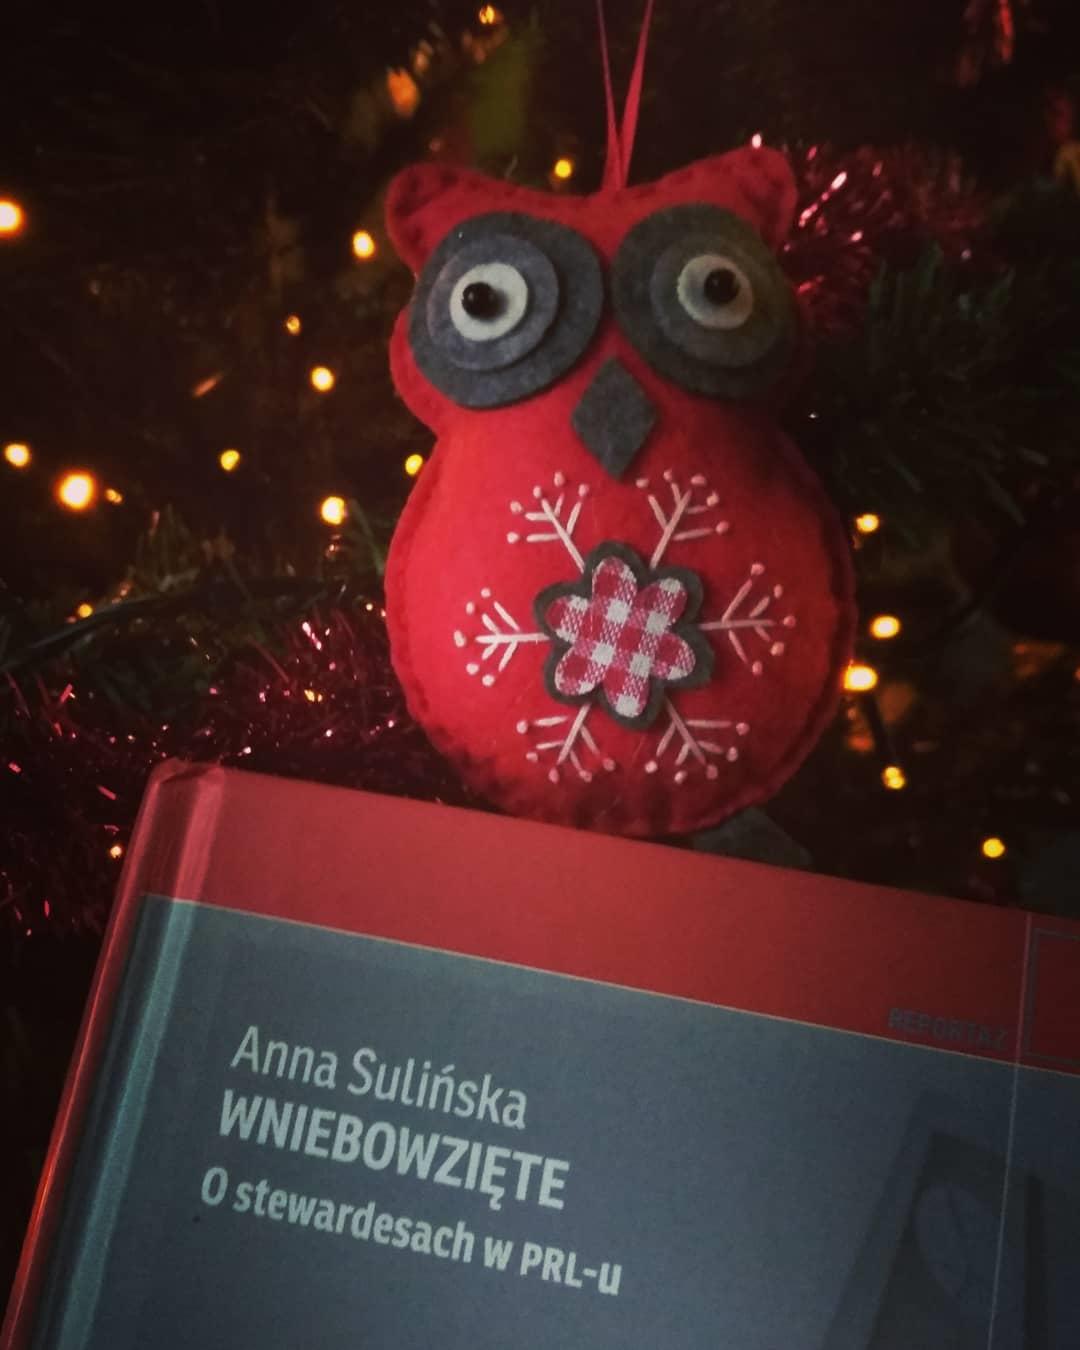 """Anna Sulińska """"Wniebowzięte. O stewardesach w PRL-u"""""""